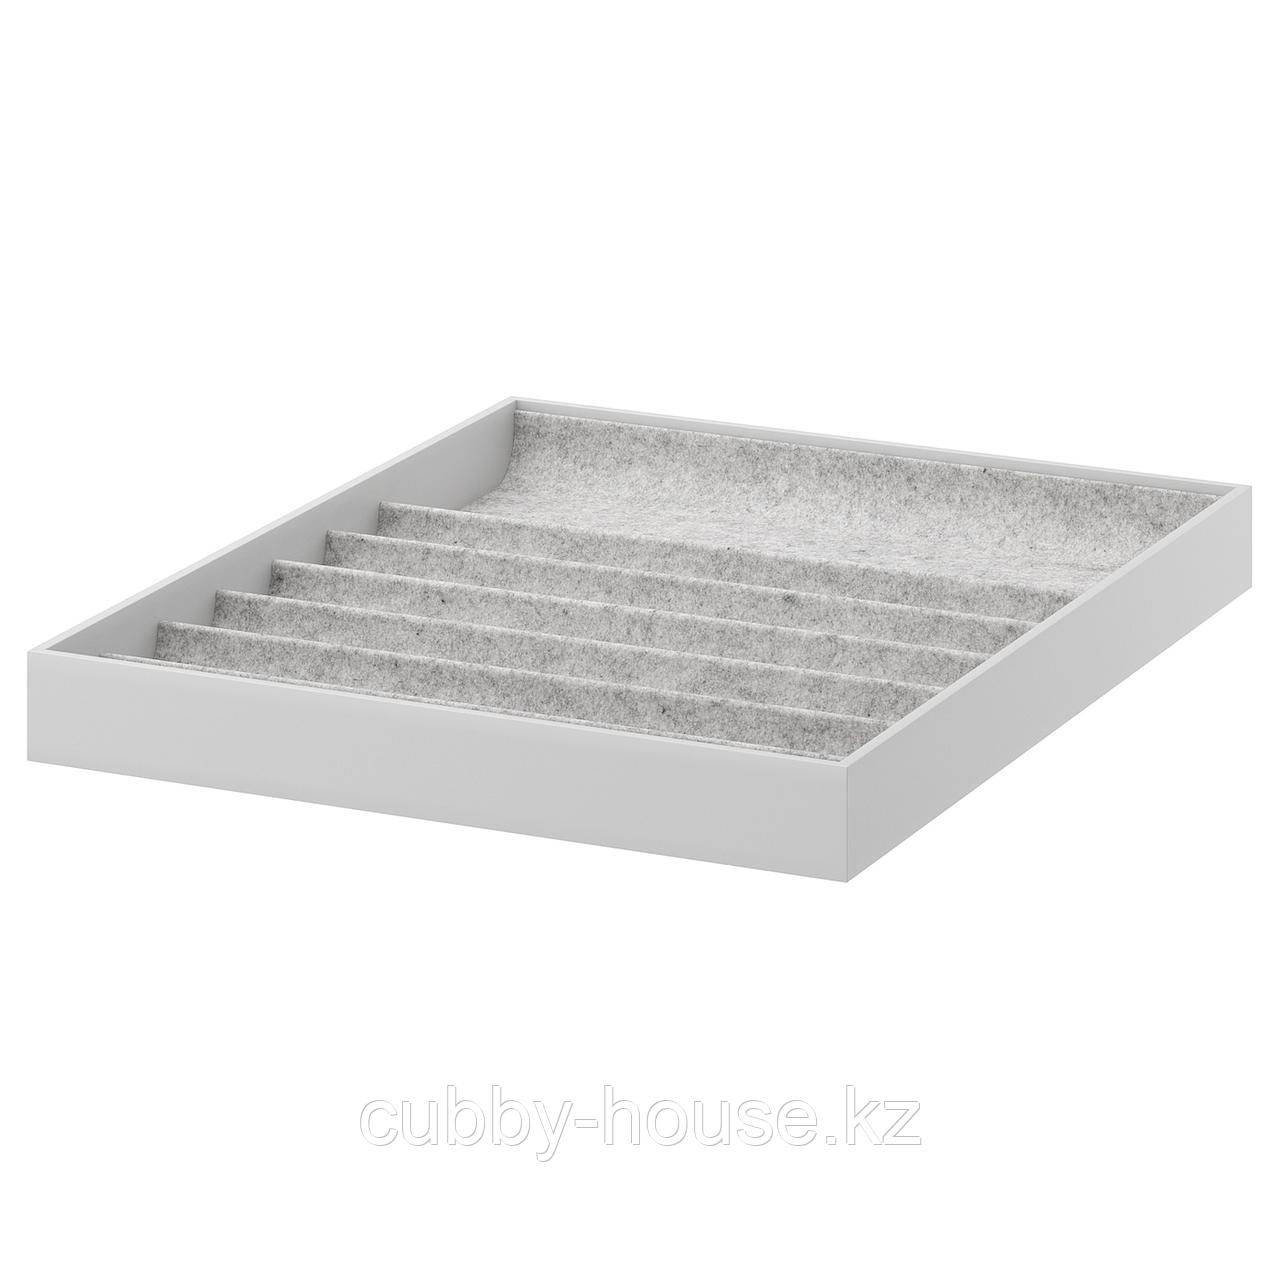 КОМПЛИМЕНТ Вставка с отделениями, светло-серый, 40x53x5 см